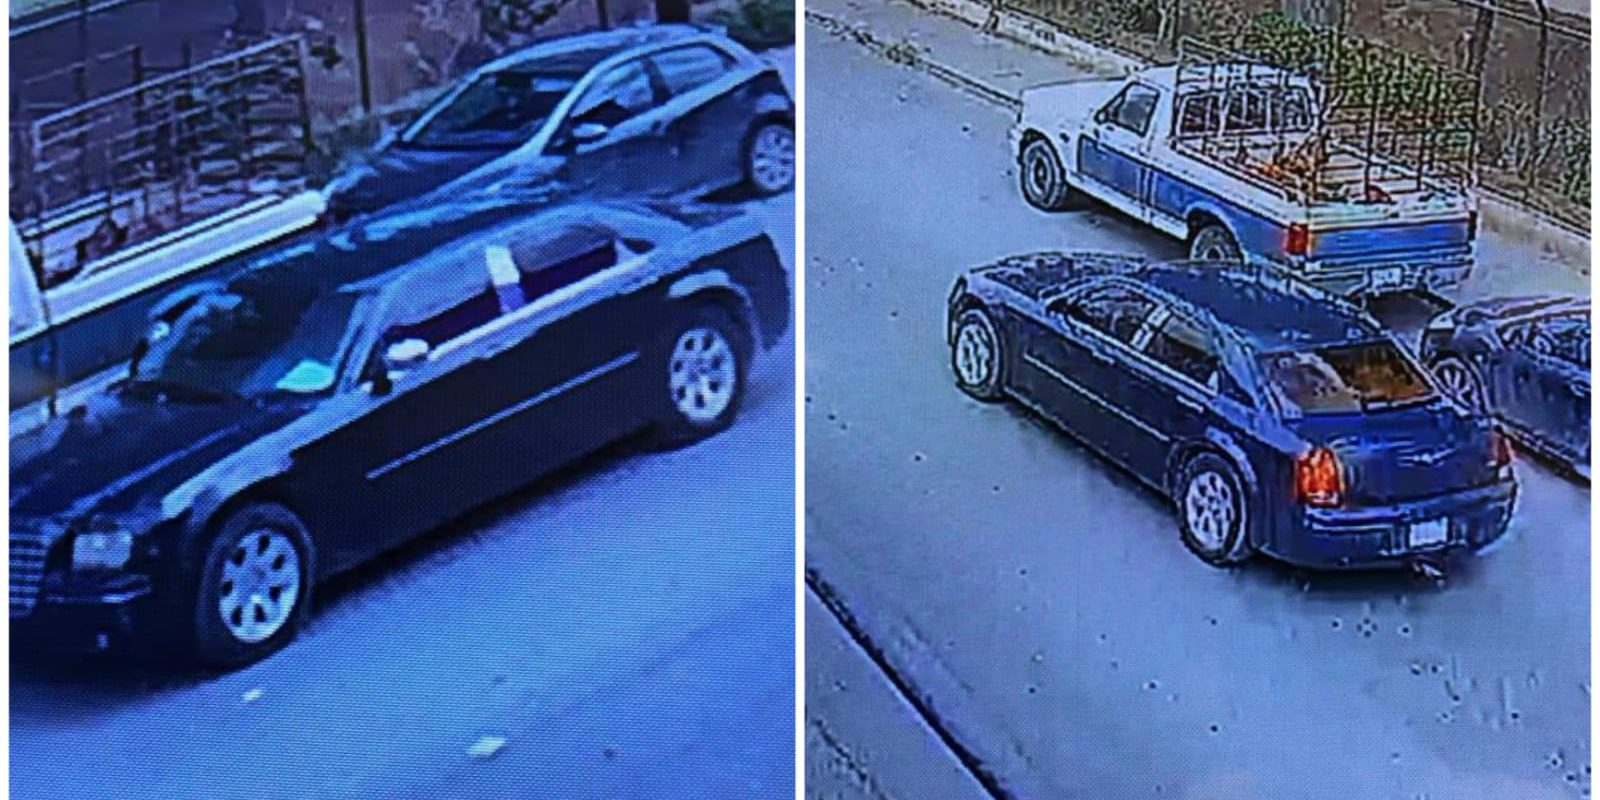 Madre de familia denunció intento de secuestro en Monclova: Una pareja interceptó a su hijo e intentó hacer que subiera a un auto